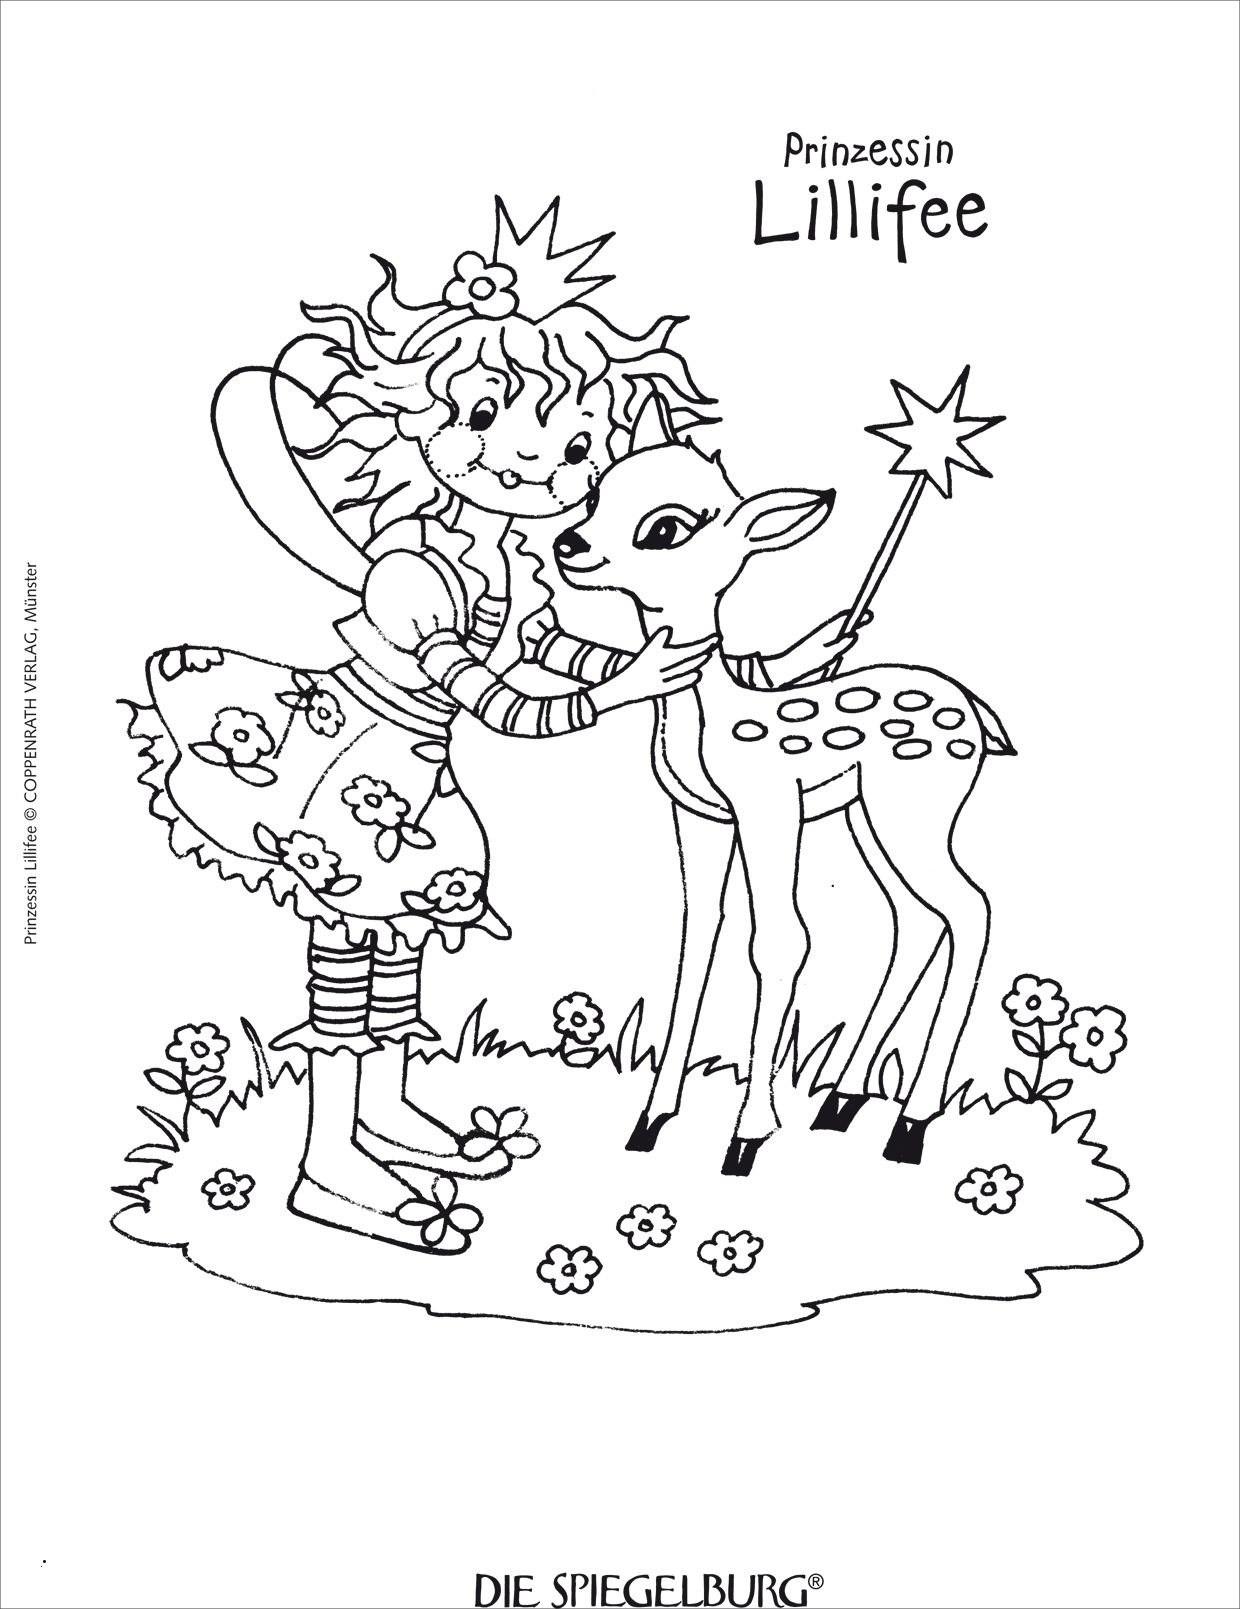 Einhorn Bilder Zum Ausmalen Genial 52 Das Konzept Von Ausmalbilder Einhorn Lillifee Treehouse Nyc Fotos